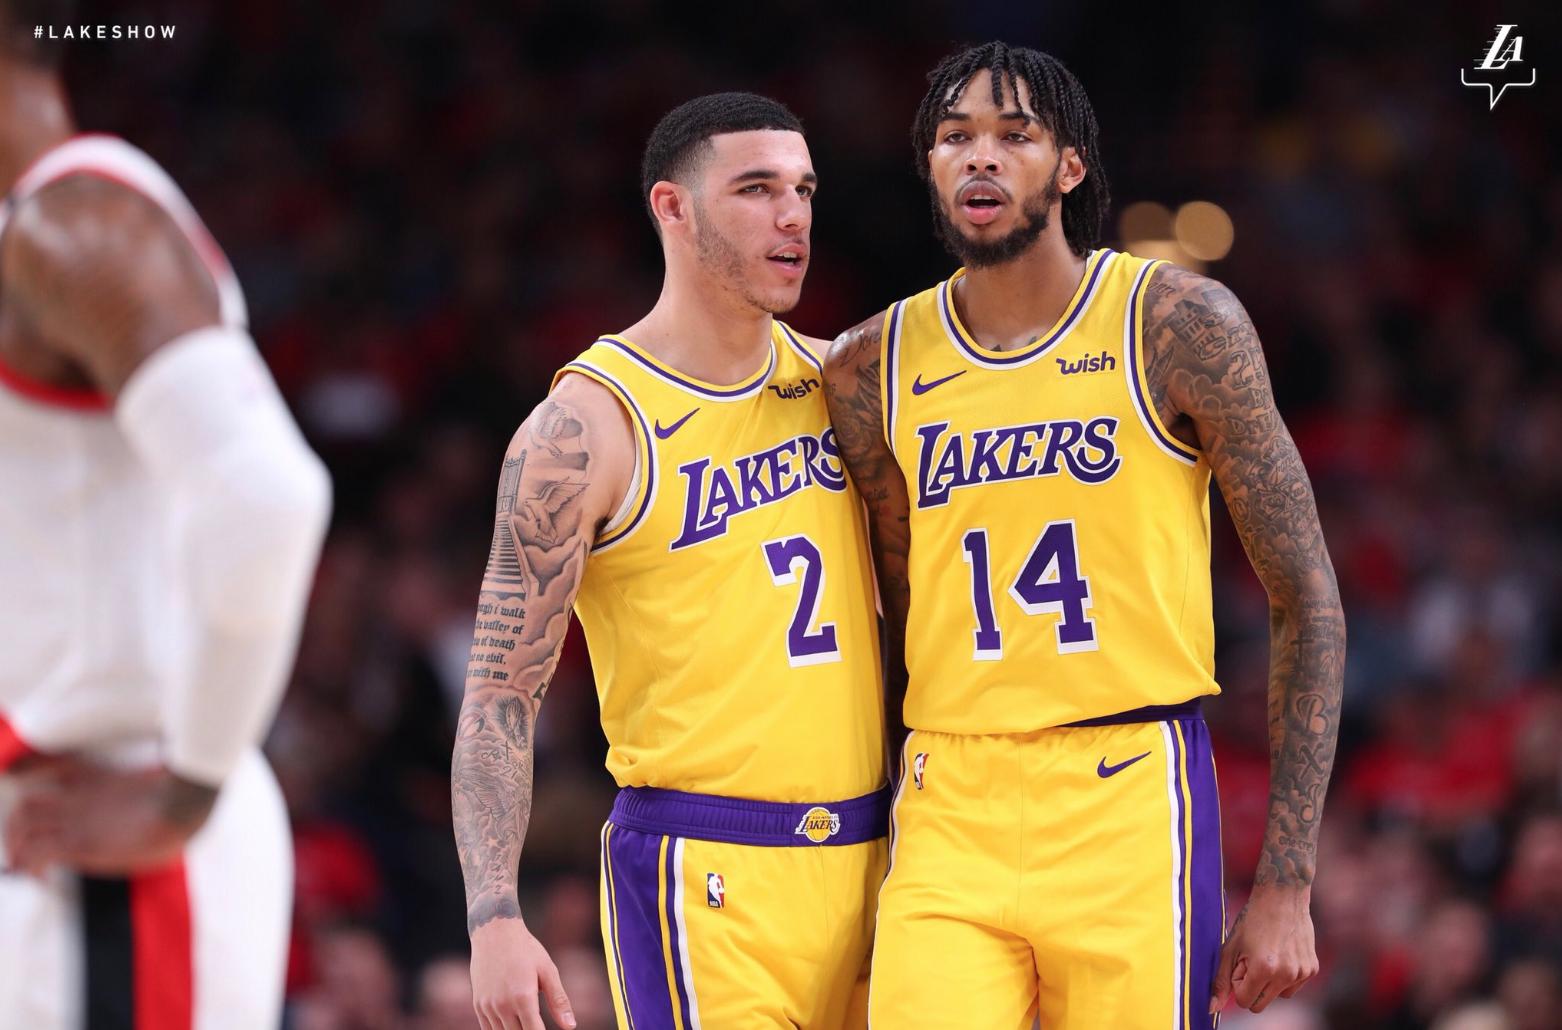 Các cầu thủ trẻ của Lakers thi đấu không như kỳ vọng, LeBron James nghĩ gì về điều này? - Ảnh 2.